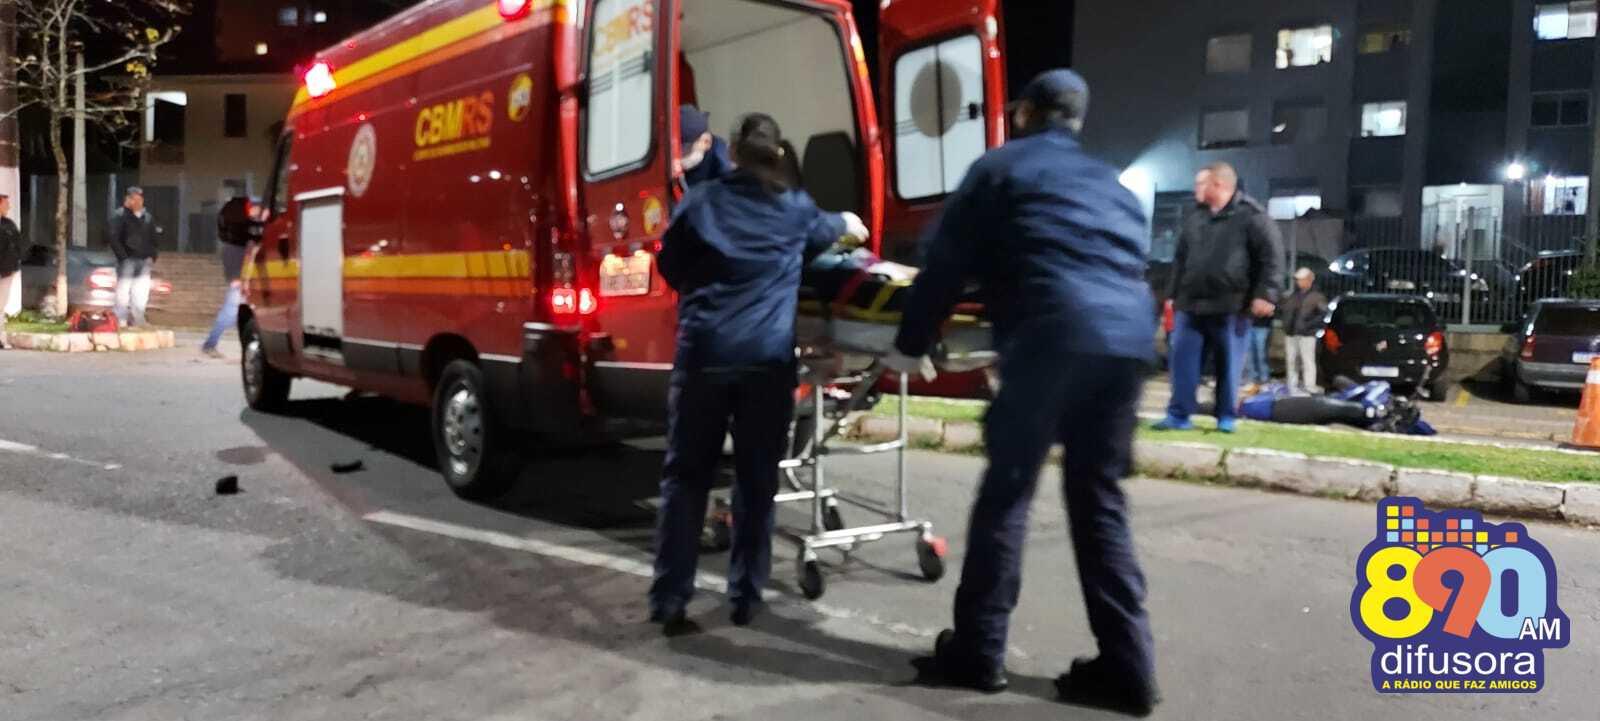 Motociclista morre em acidente no bairro São Roque, em Bento